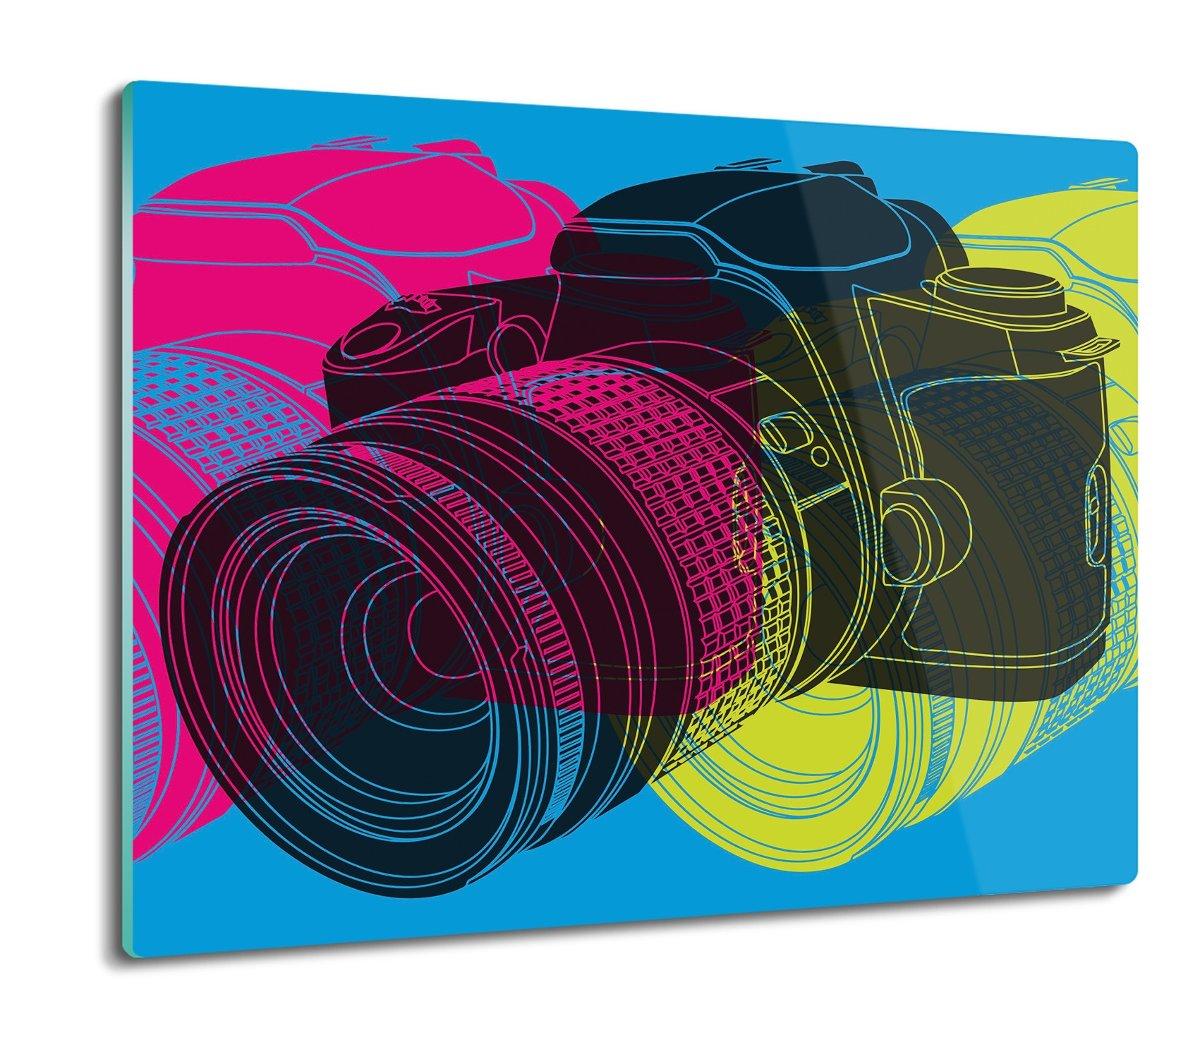 szklana osłona do kuchenki Lustrzanka aparat 60x52, ArtprintCave